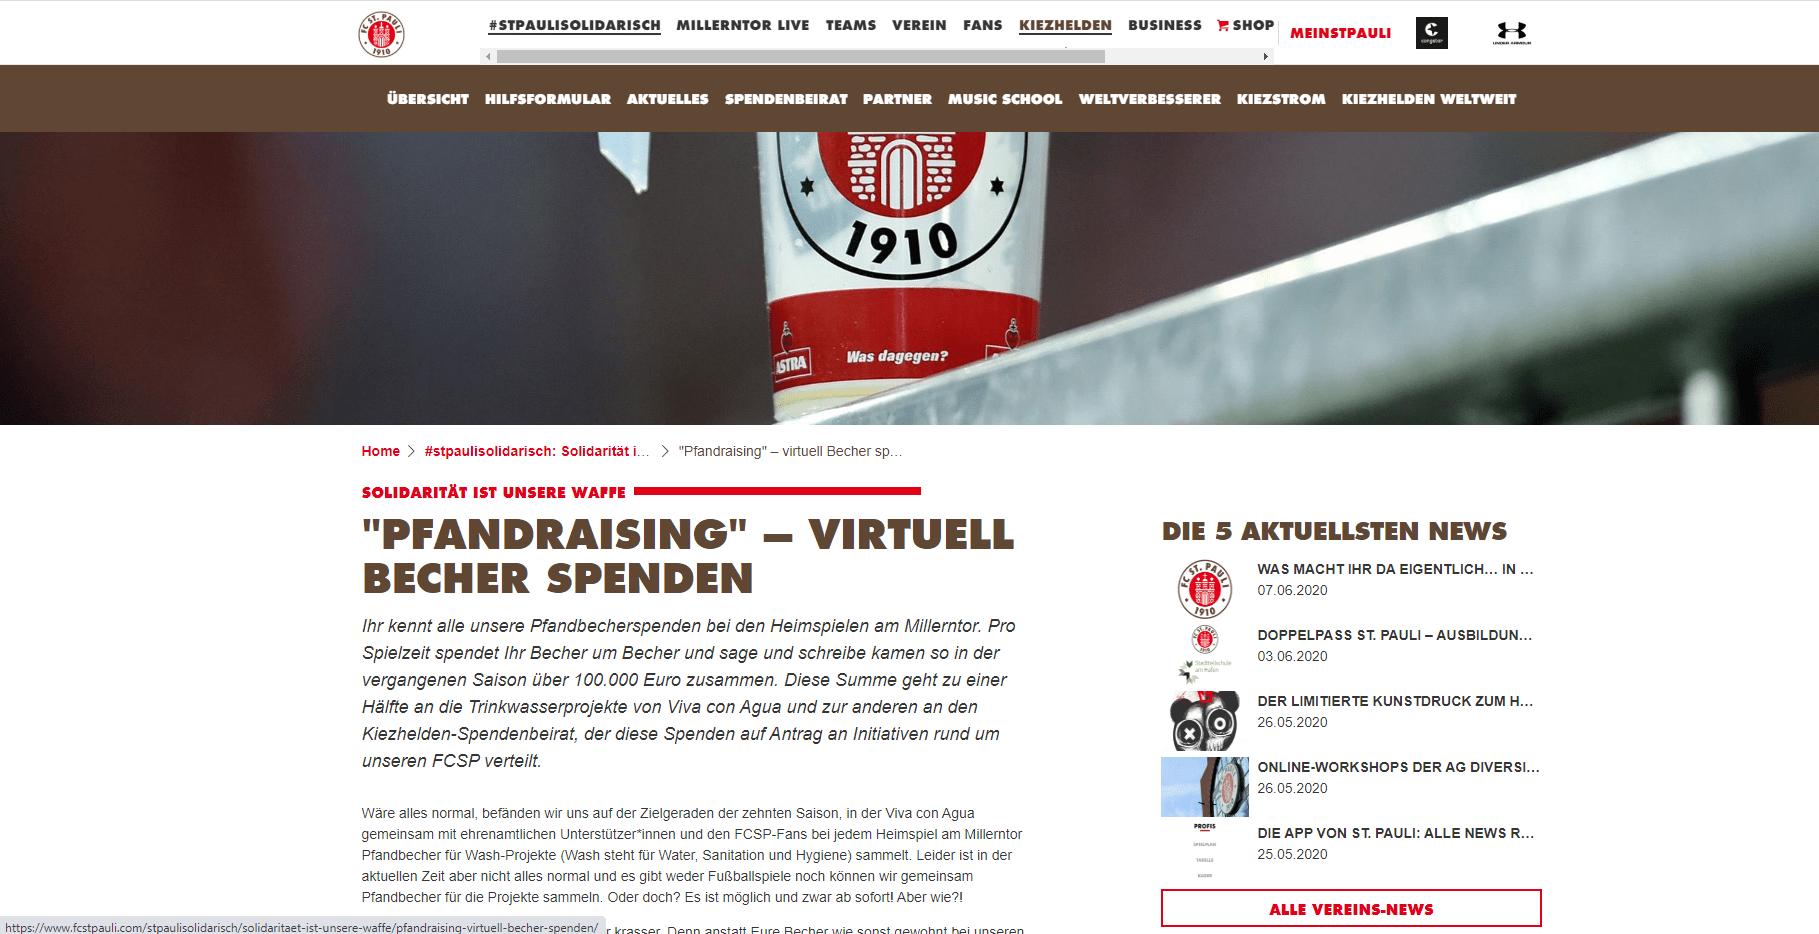 Newsartikel auf der Websites des FC St. Pauli